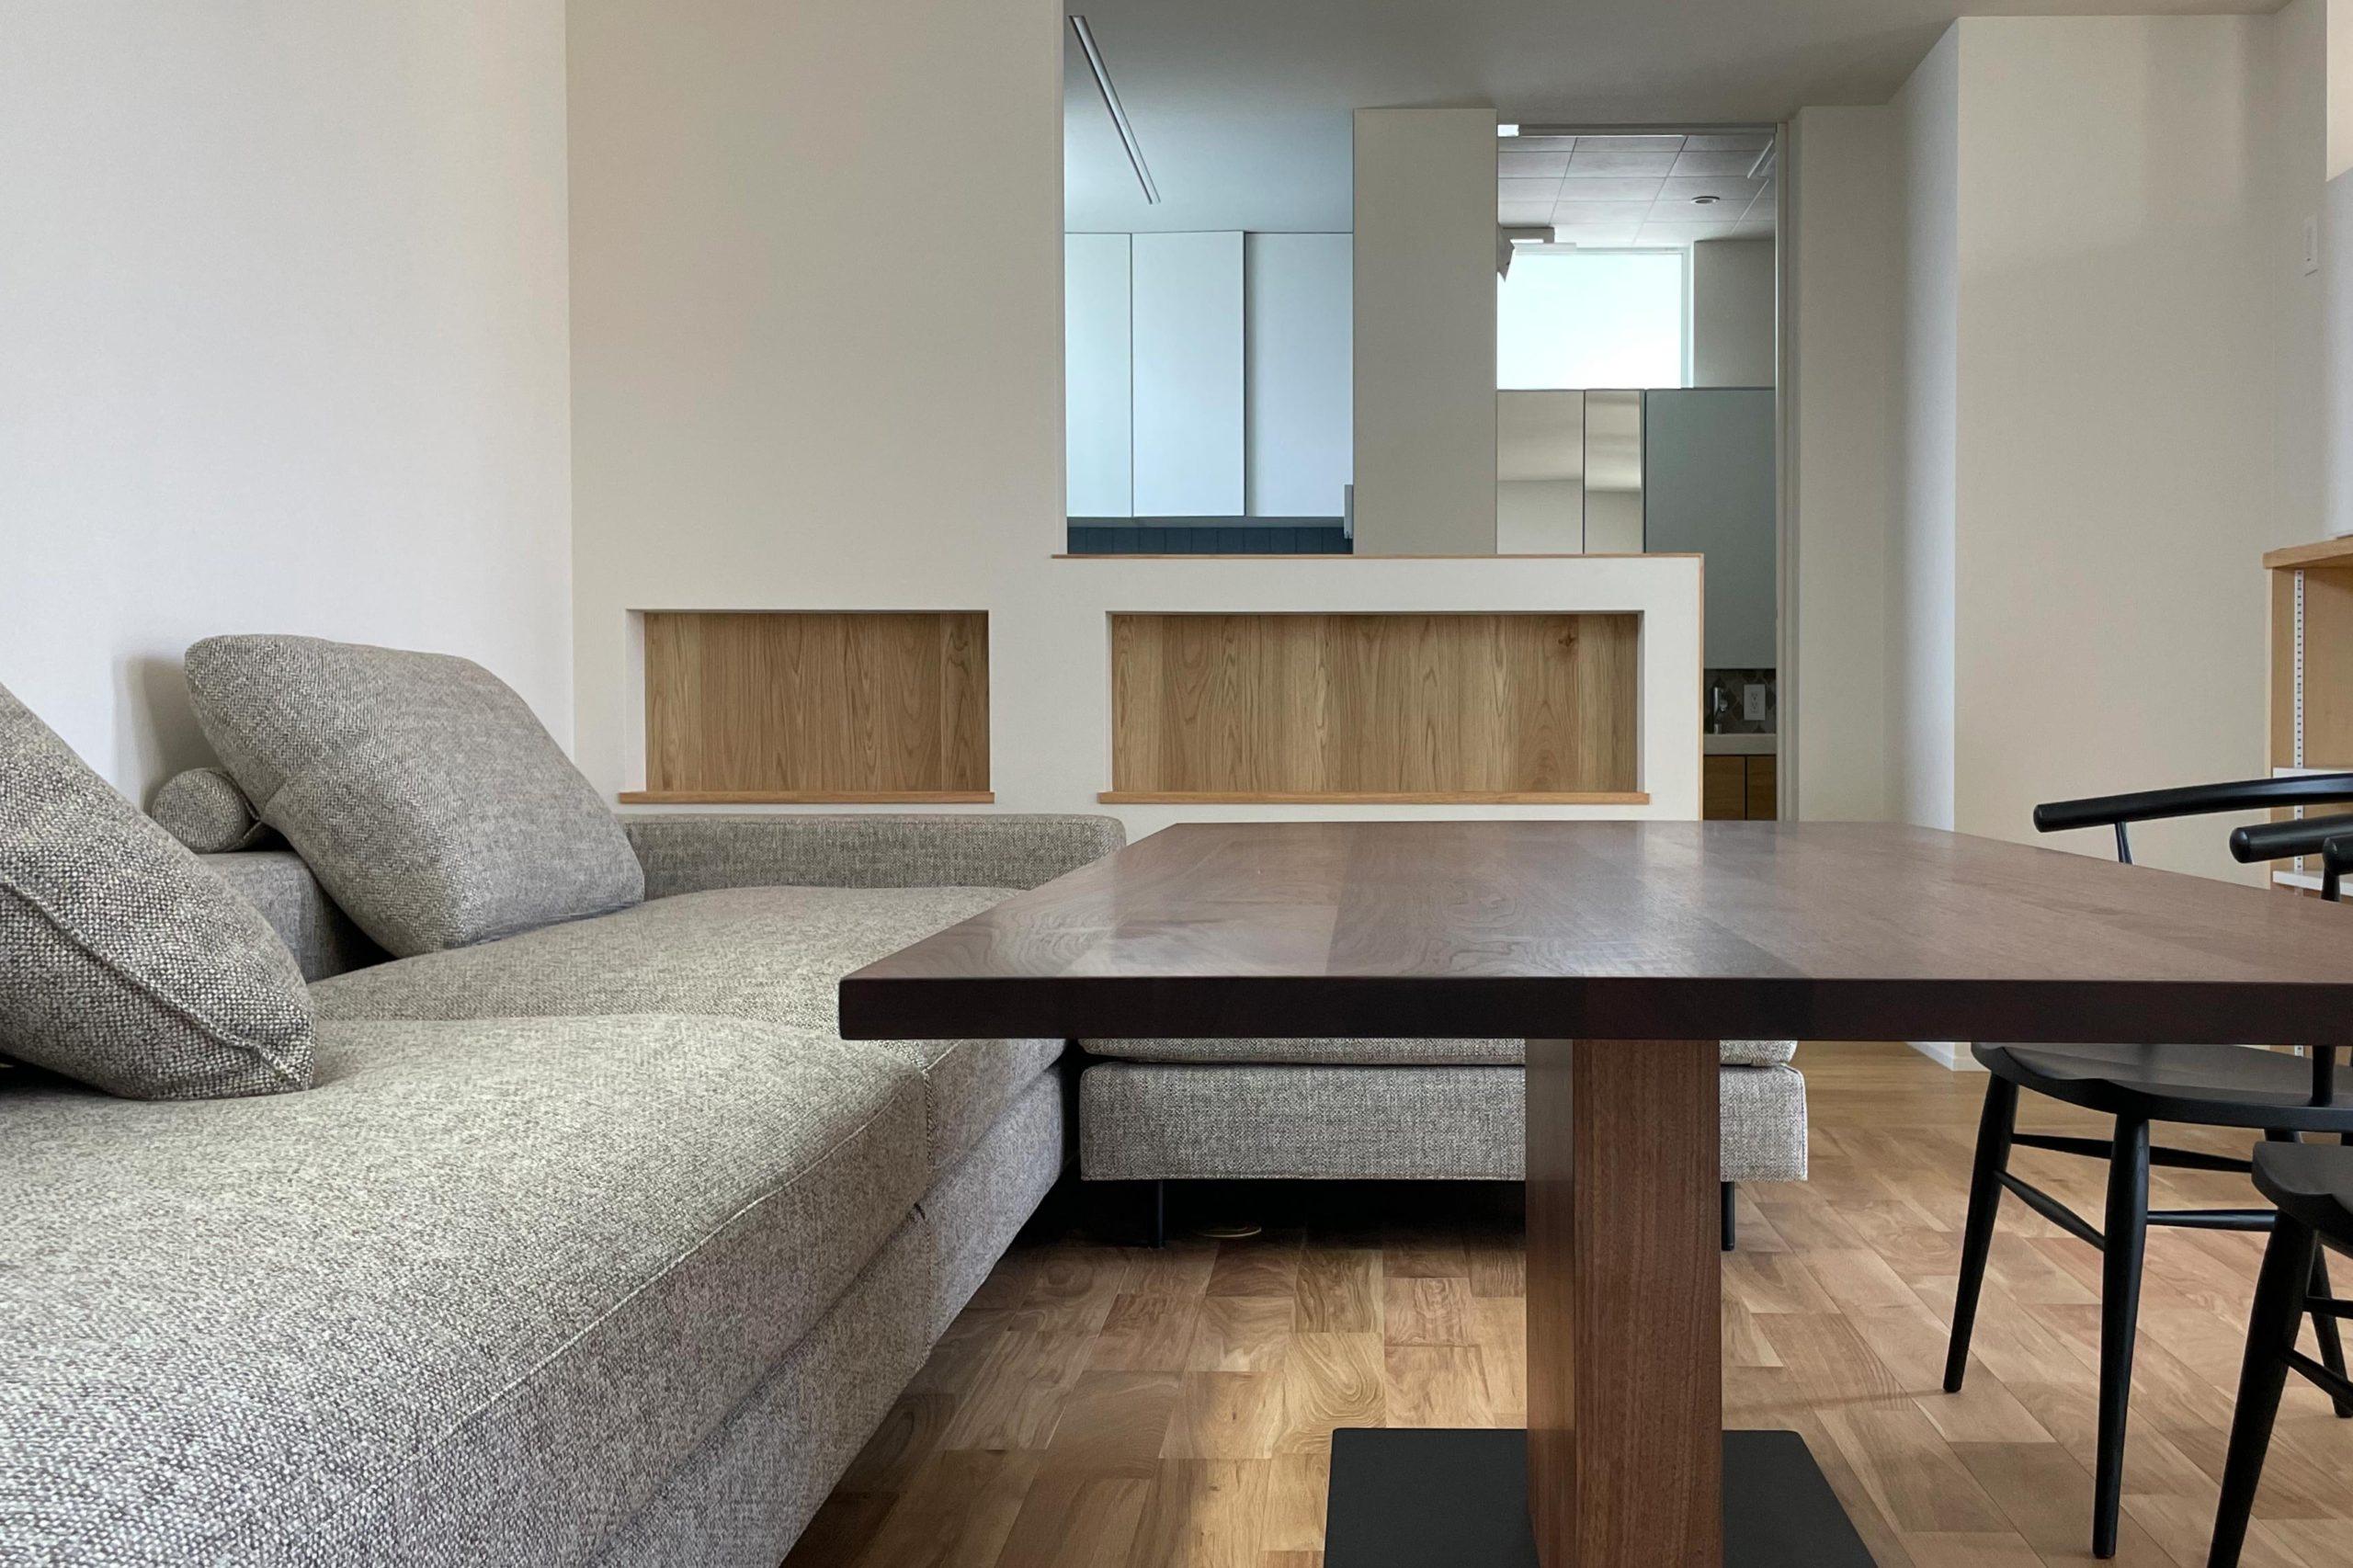 キッチンの前にあるルーカスソフトレッグソファとエドワードダイニングテーブル